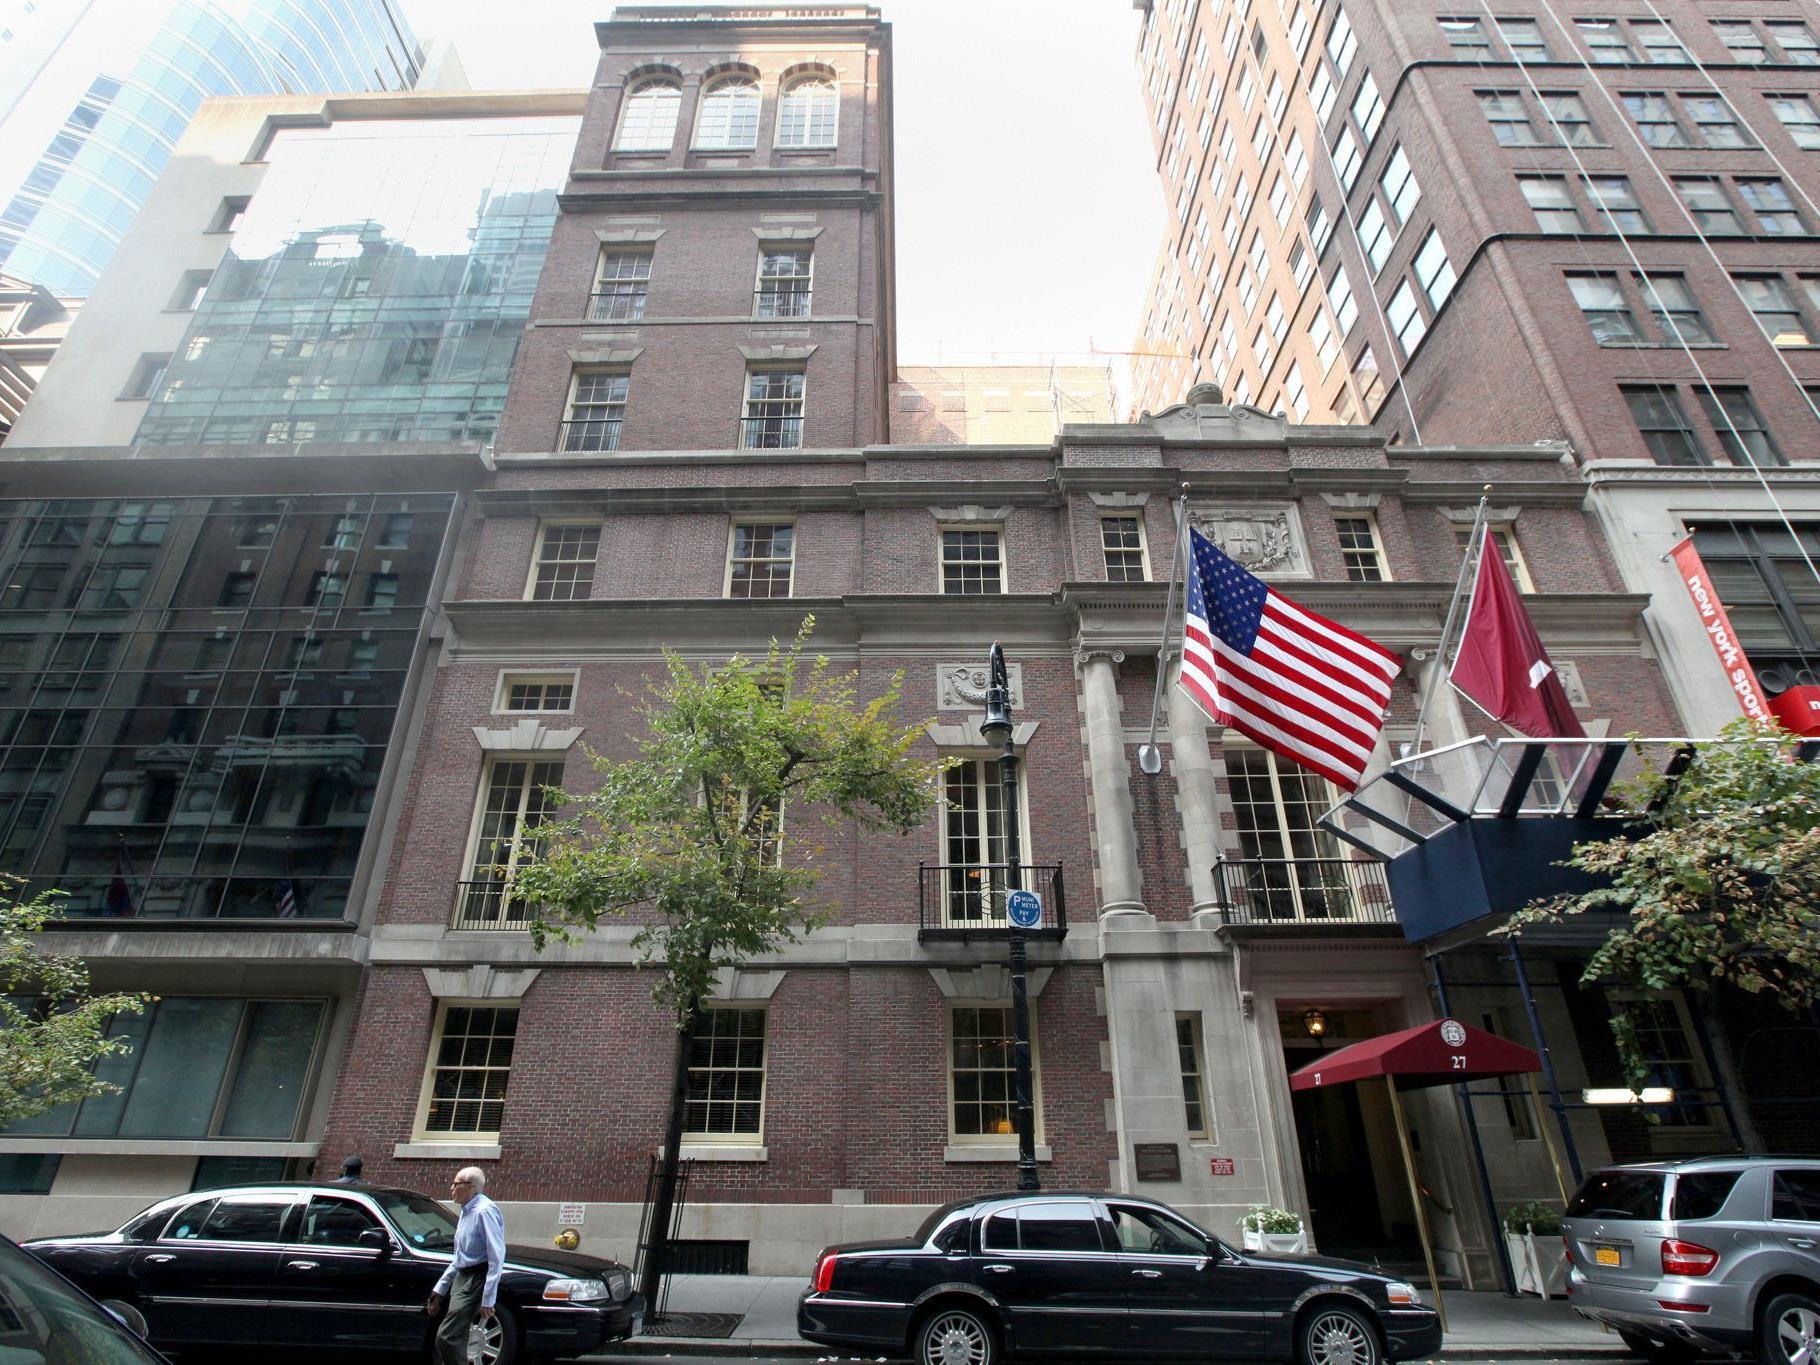 Die Hauptpreise werden im renommierten Harvard Club New York verliehen.